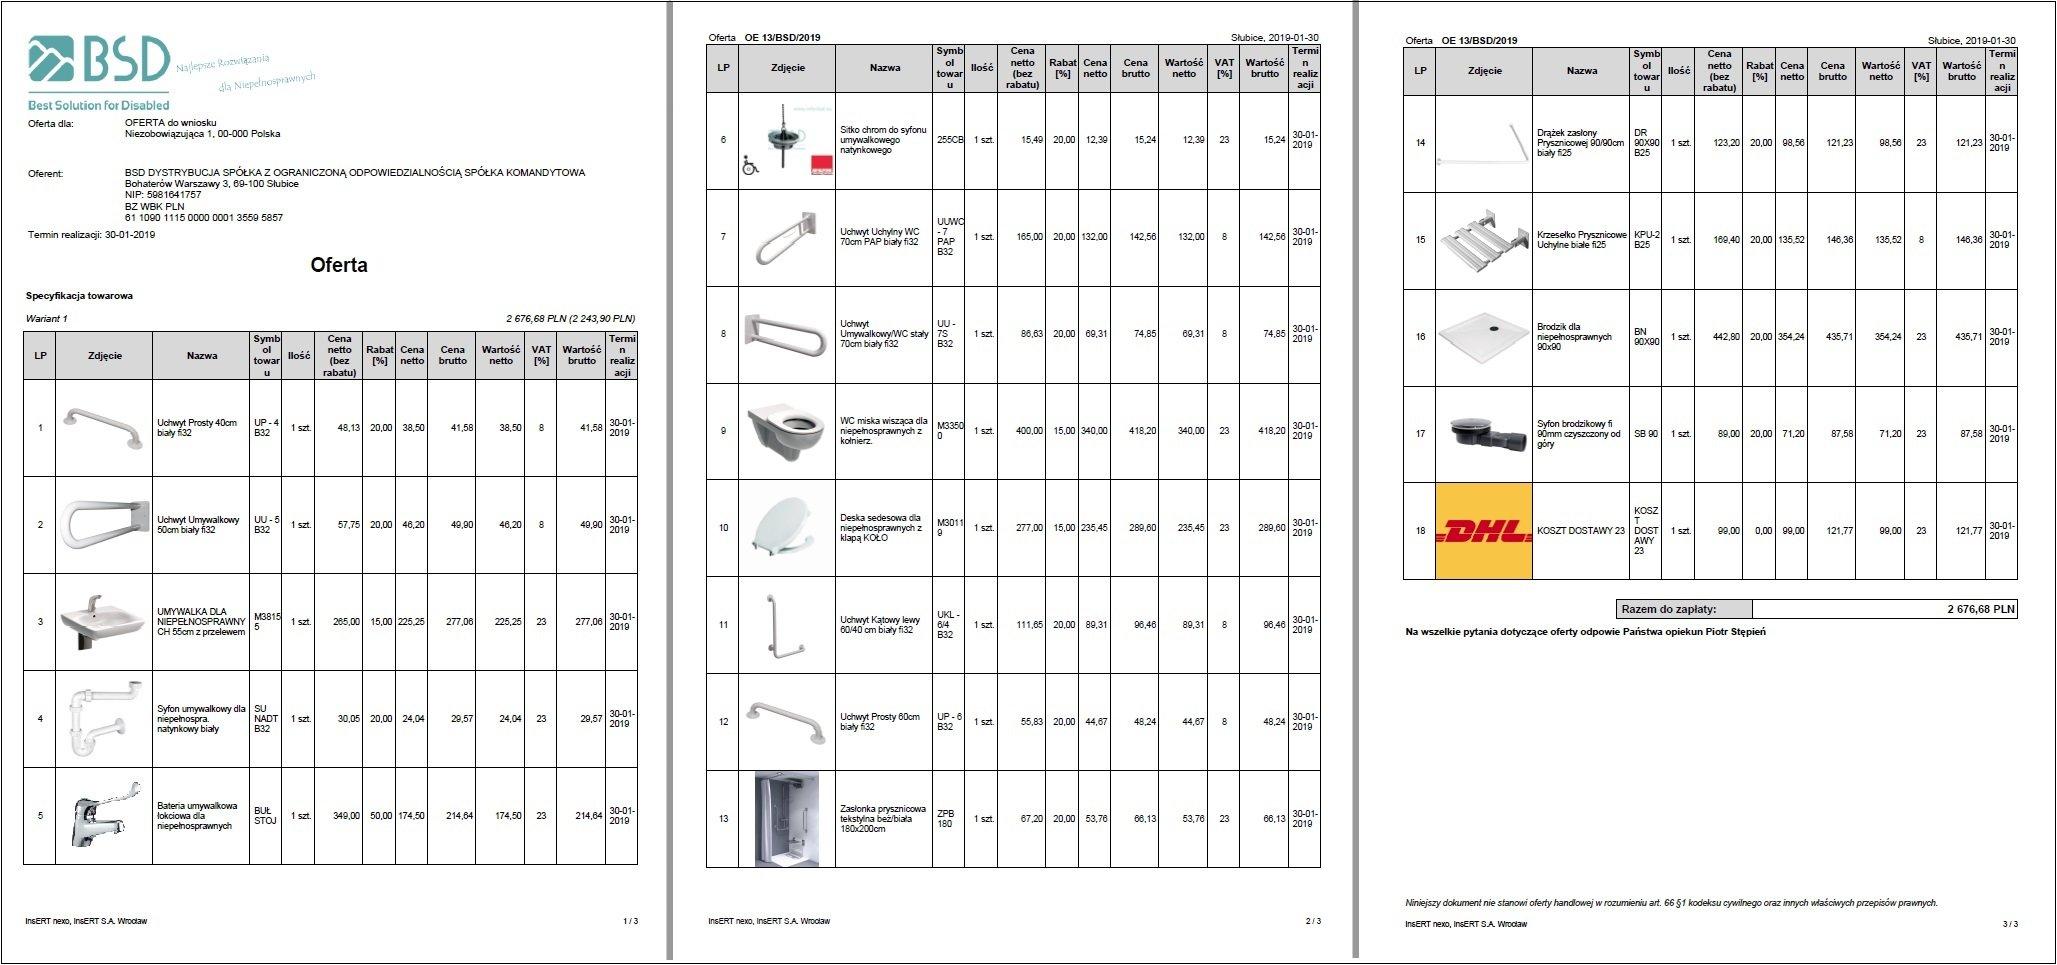 Bsd Likwidacja Barier Architektonicznych I Technicznych